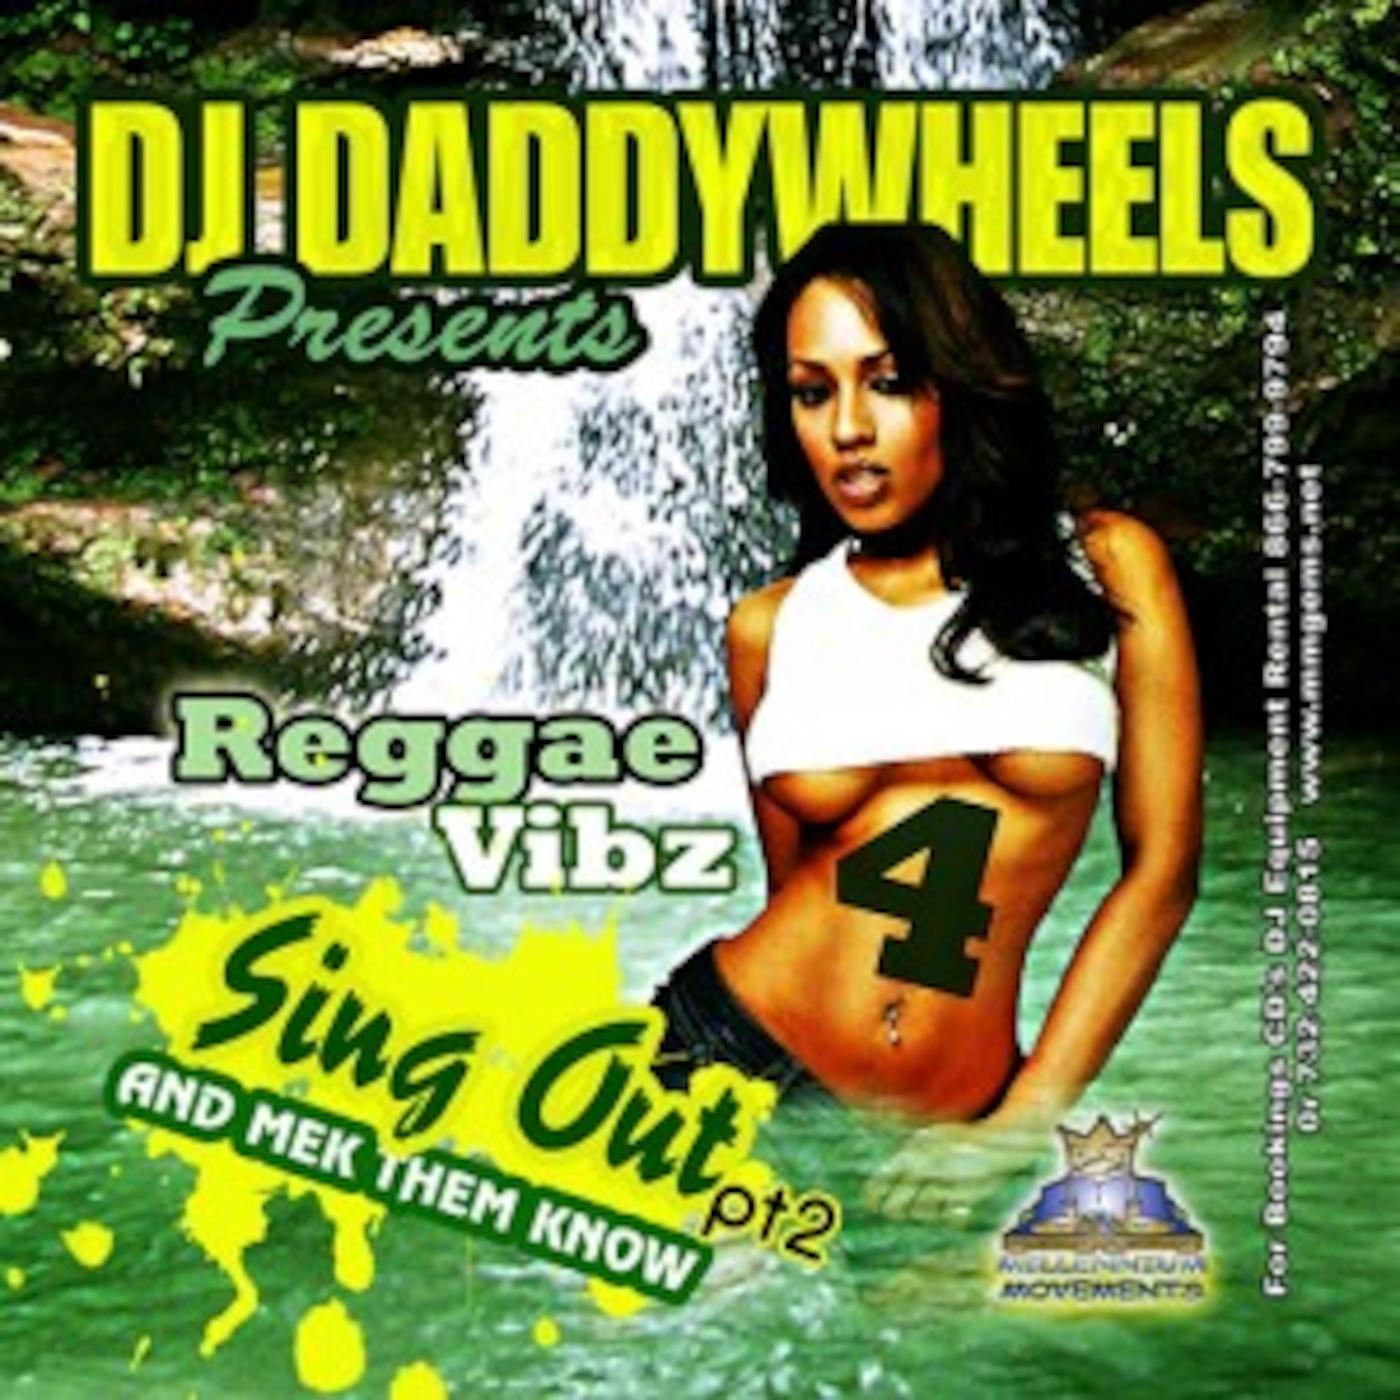 SING OUT 2 - Reggae VIBZ 4 - DJ DADDYWHEELS DJ Daddywheels Live In